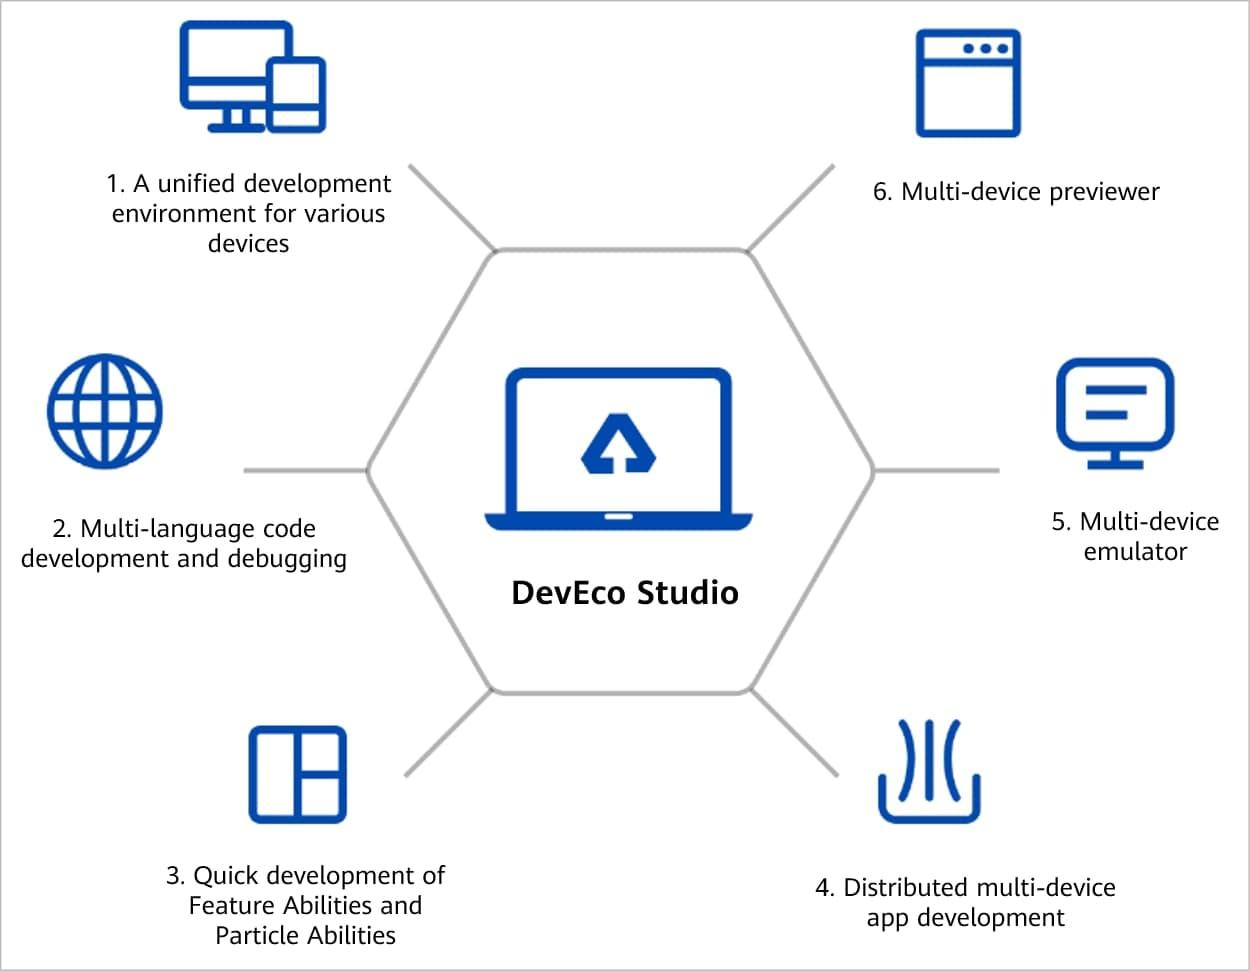 DevEco Studio